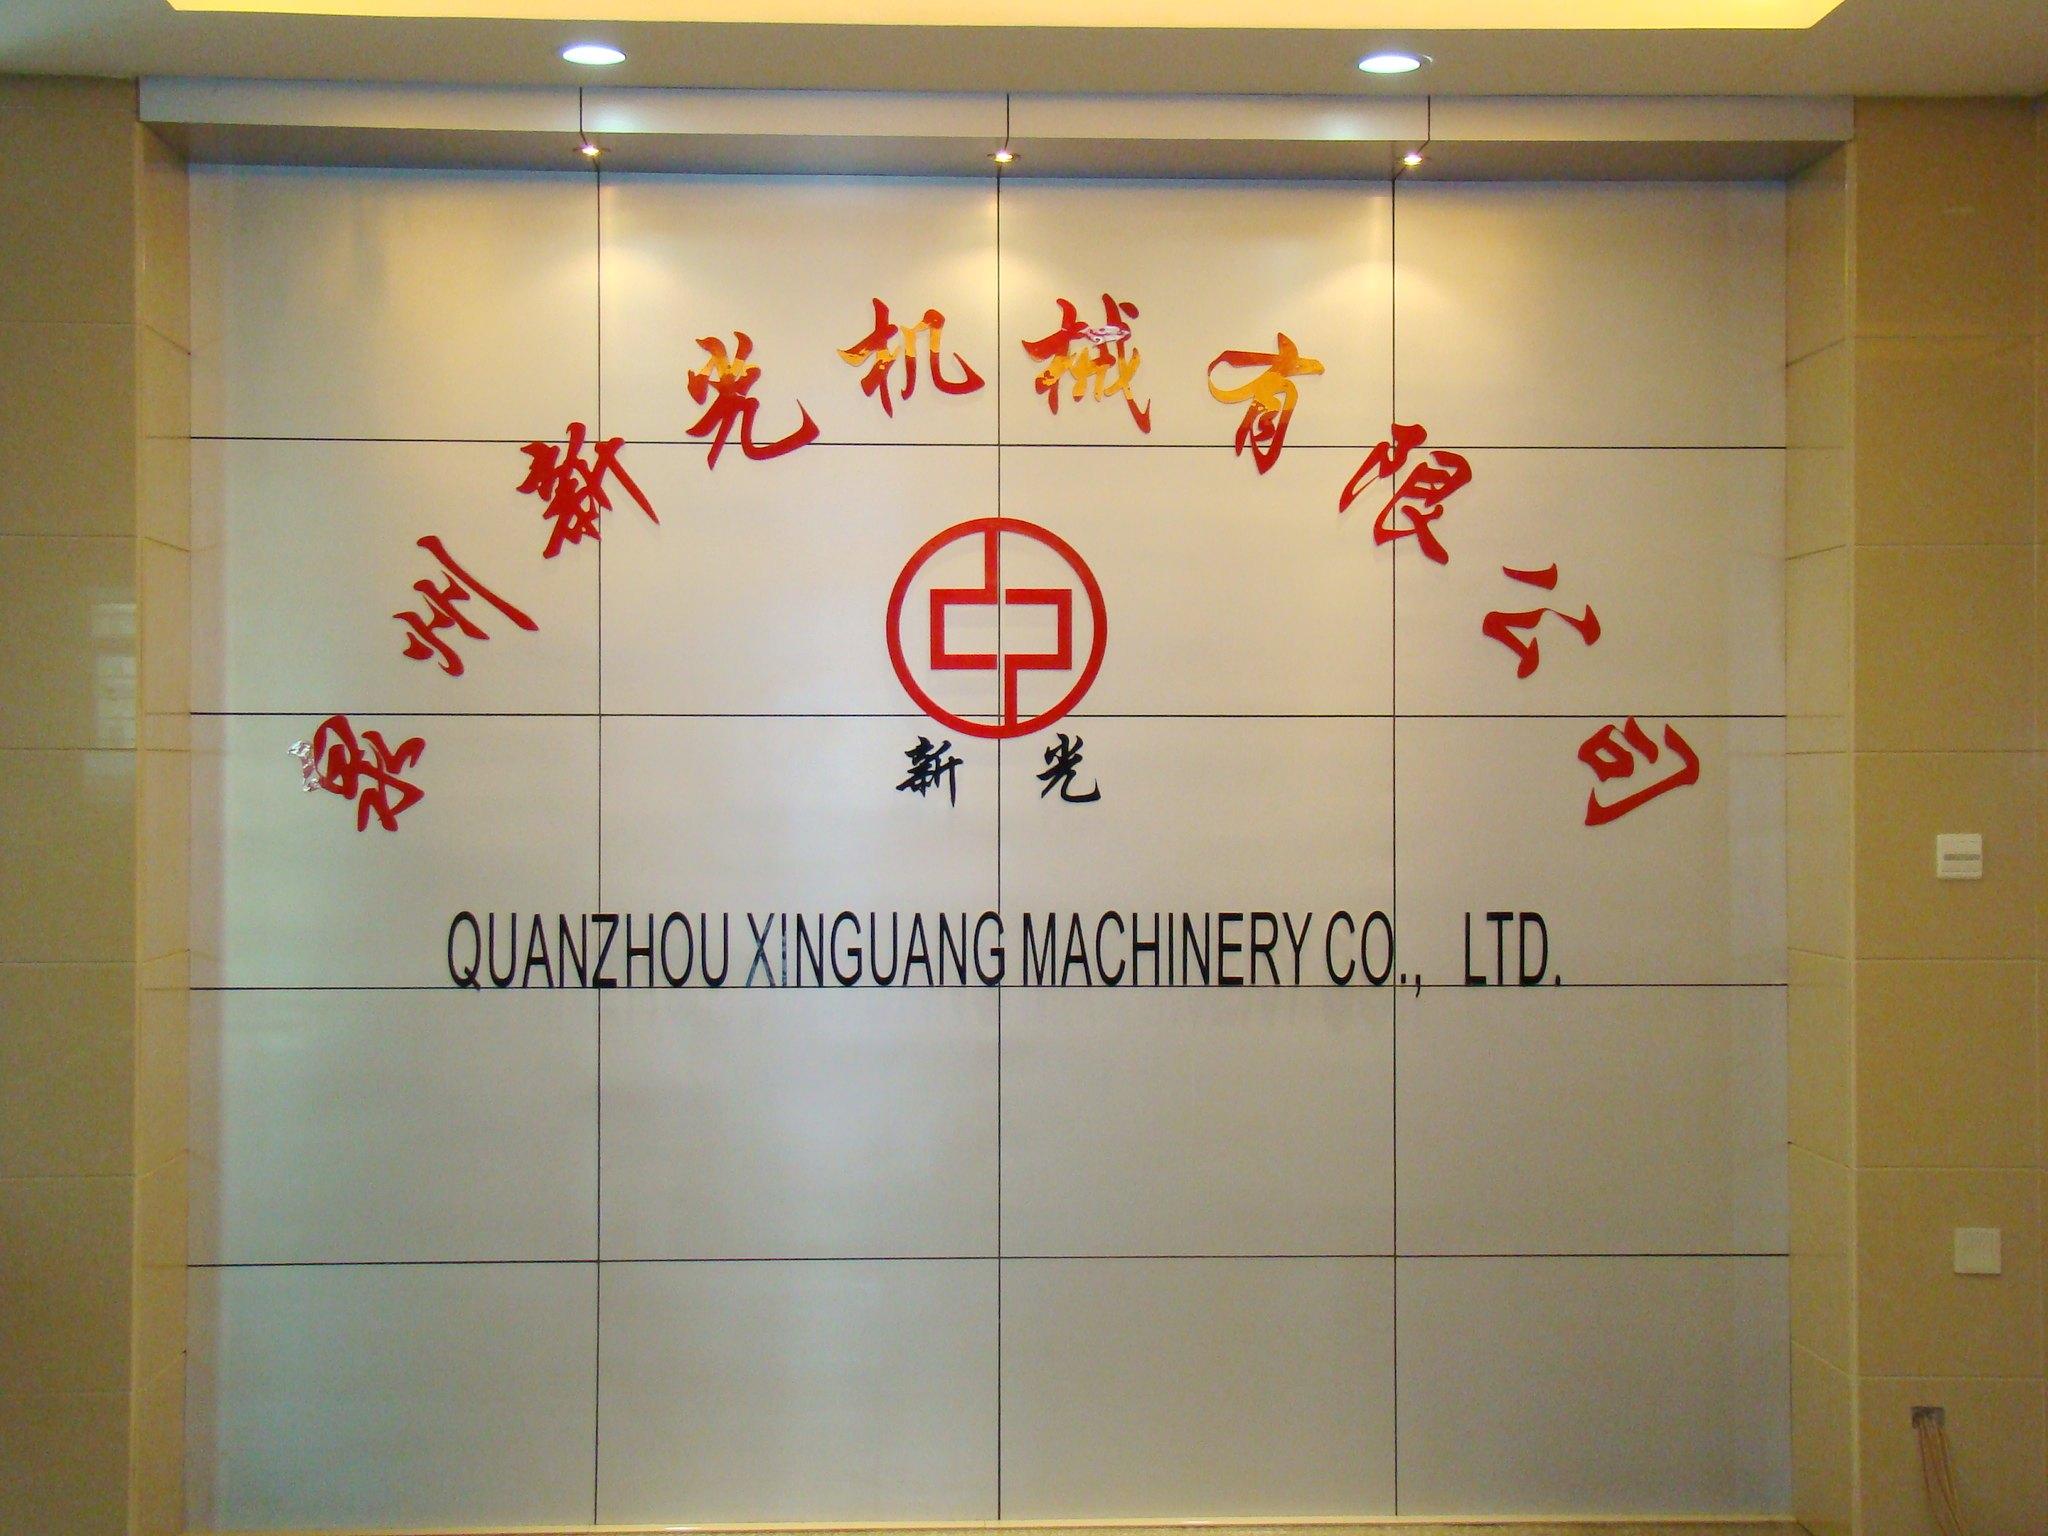 Quanzhou Xinguang Machinery Co., Ltd. Main Image